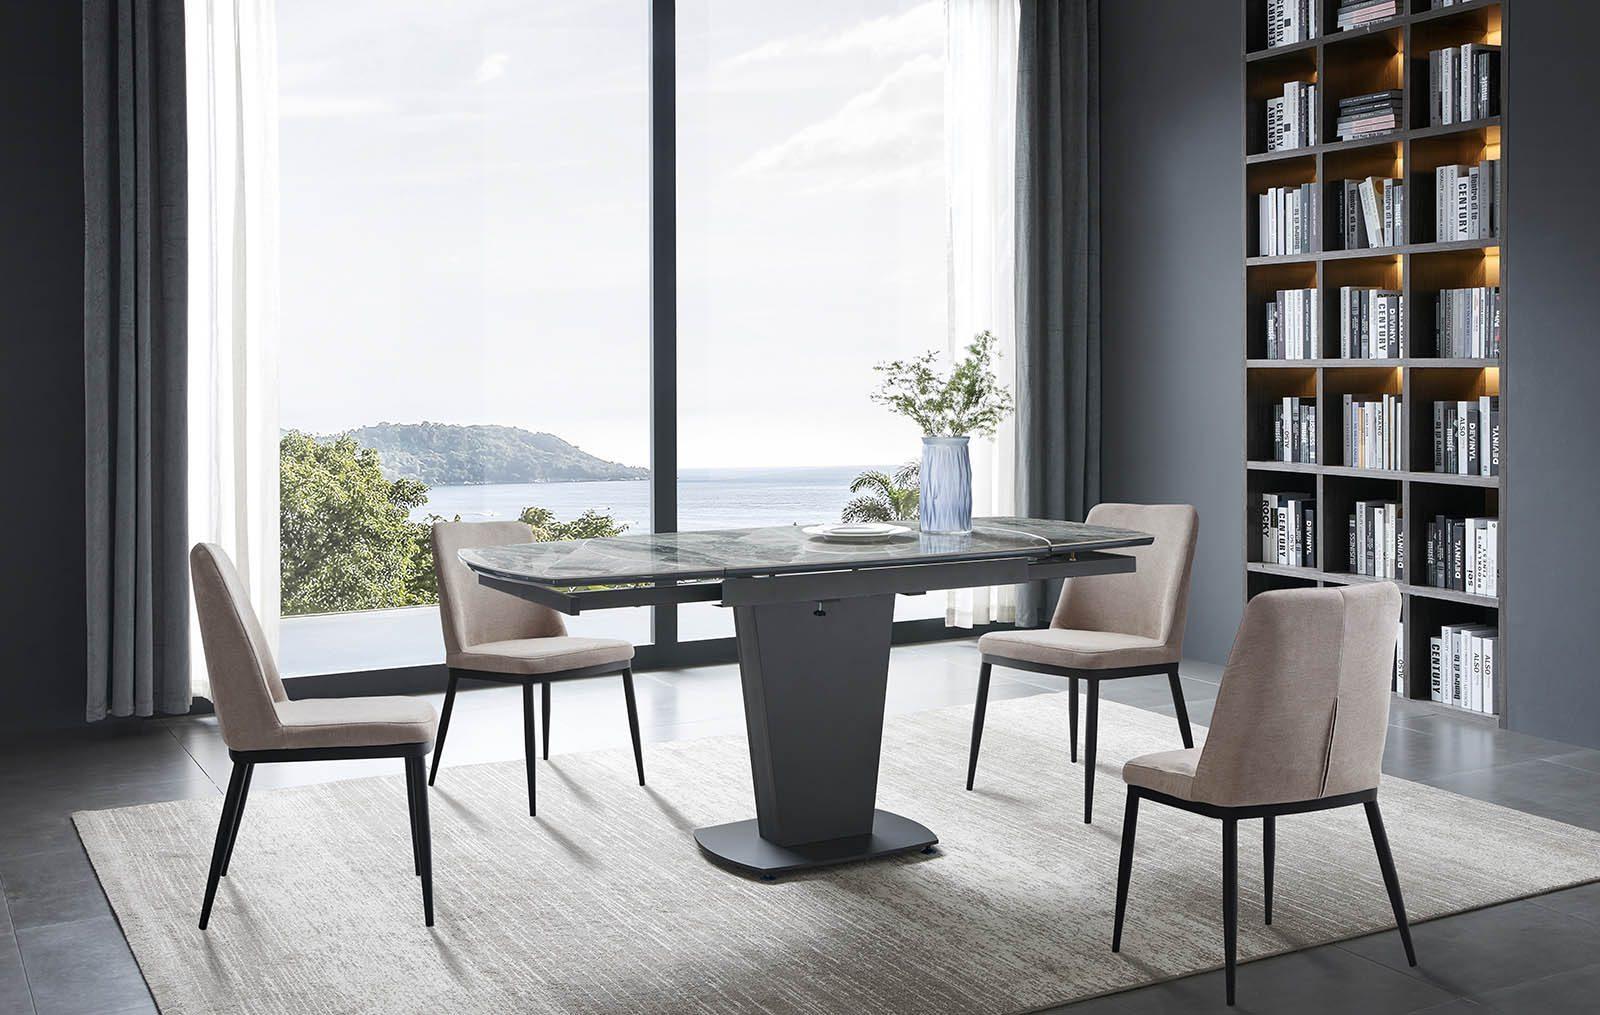 Стол B2417-6 темно-серая керамика и стулья Y249